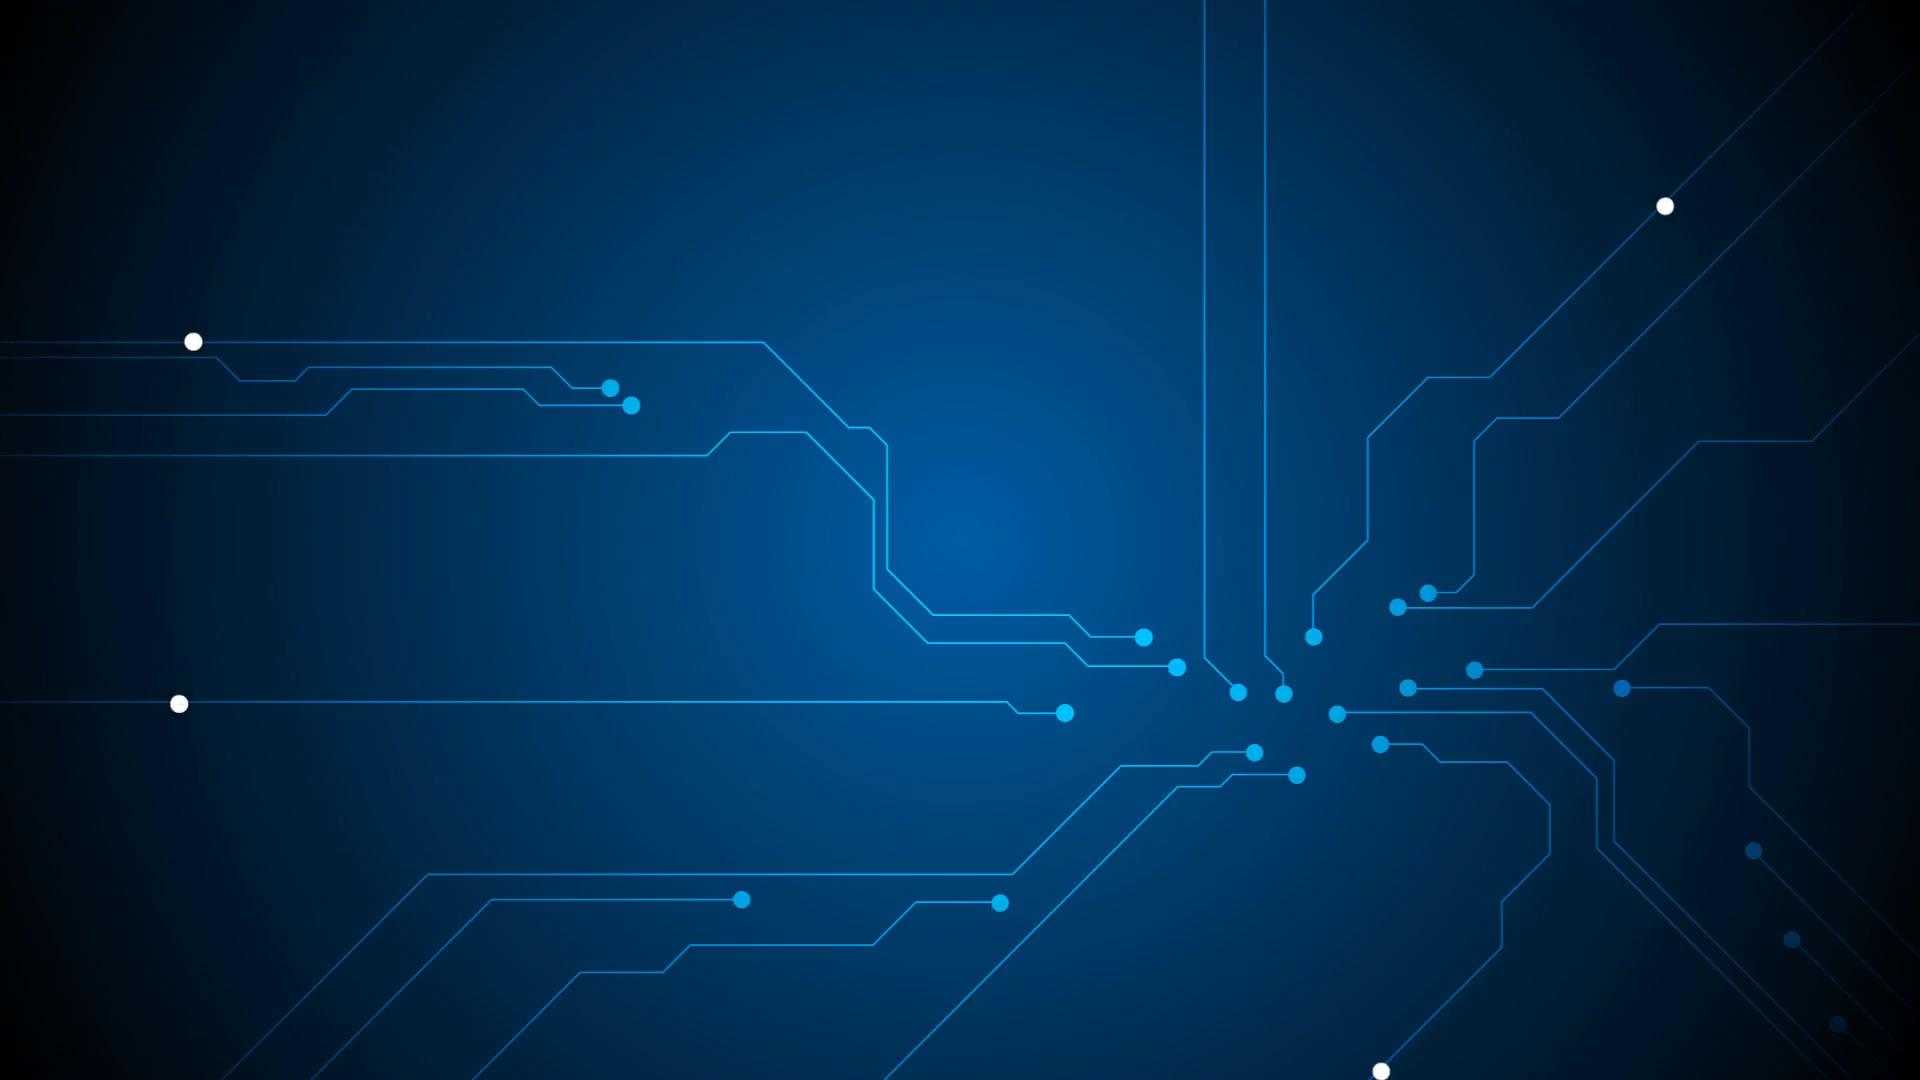 blue-tech-circuit